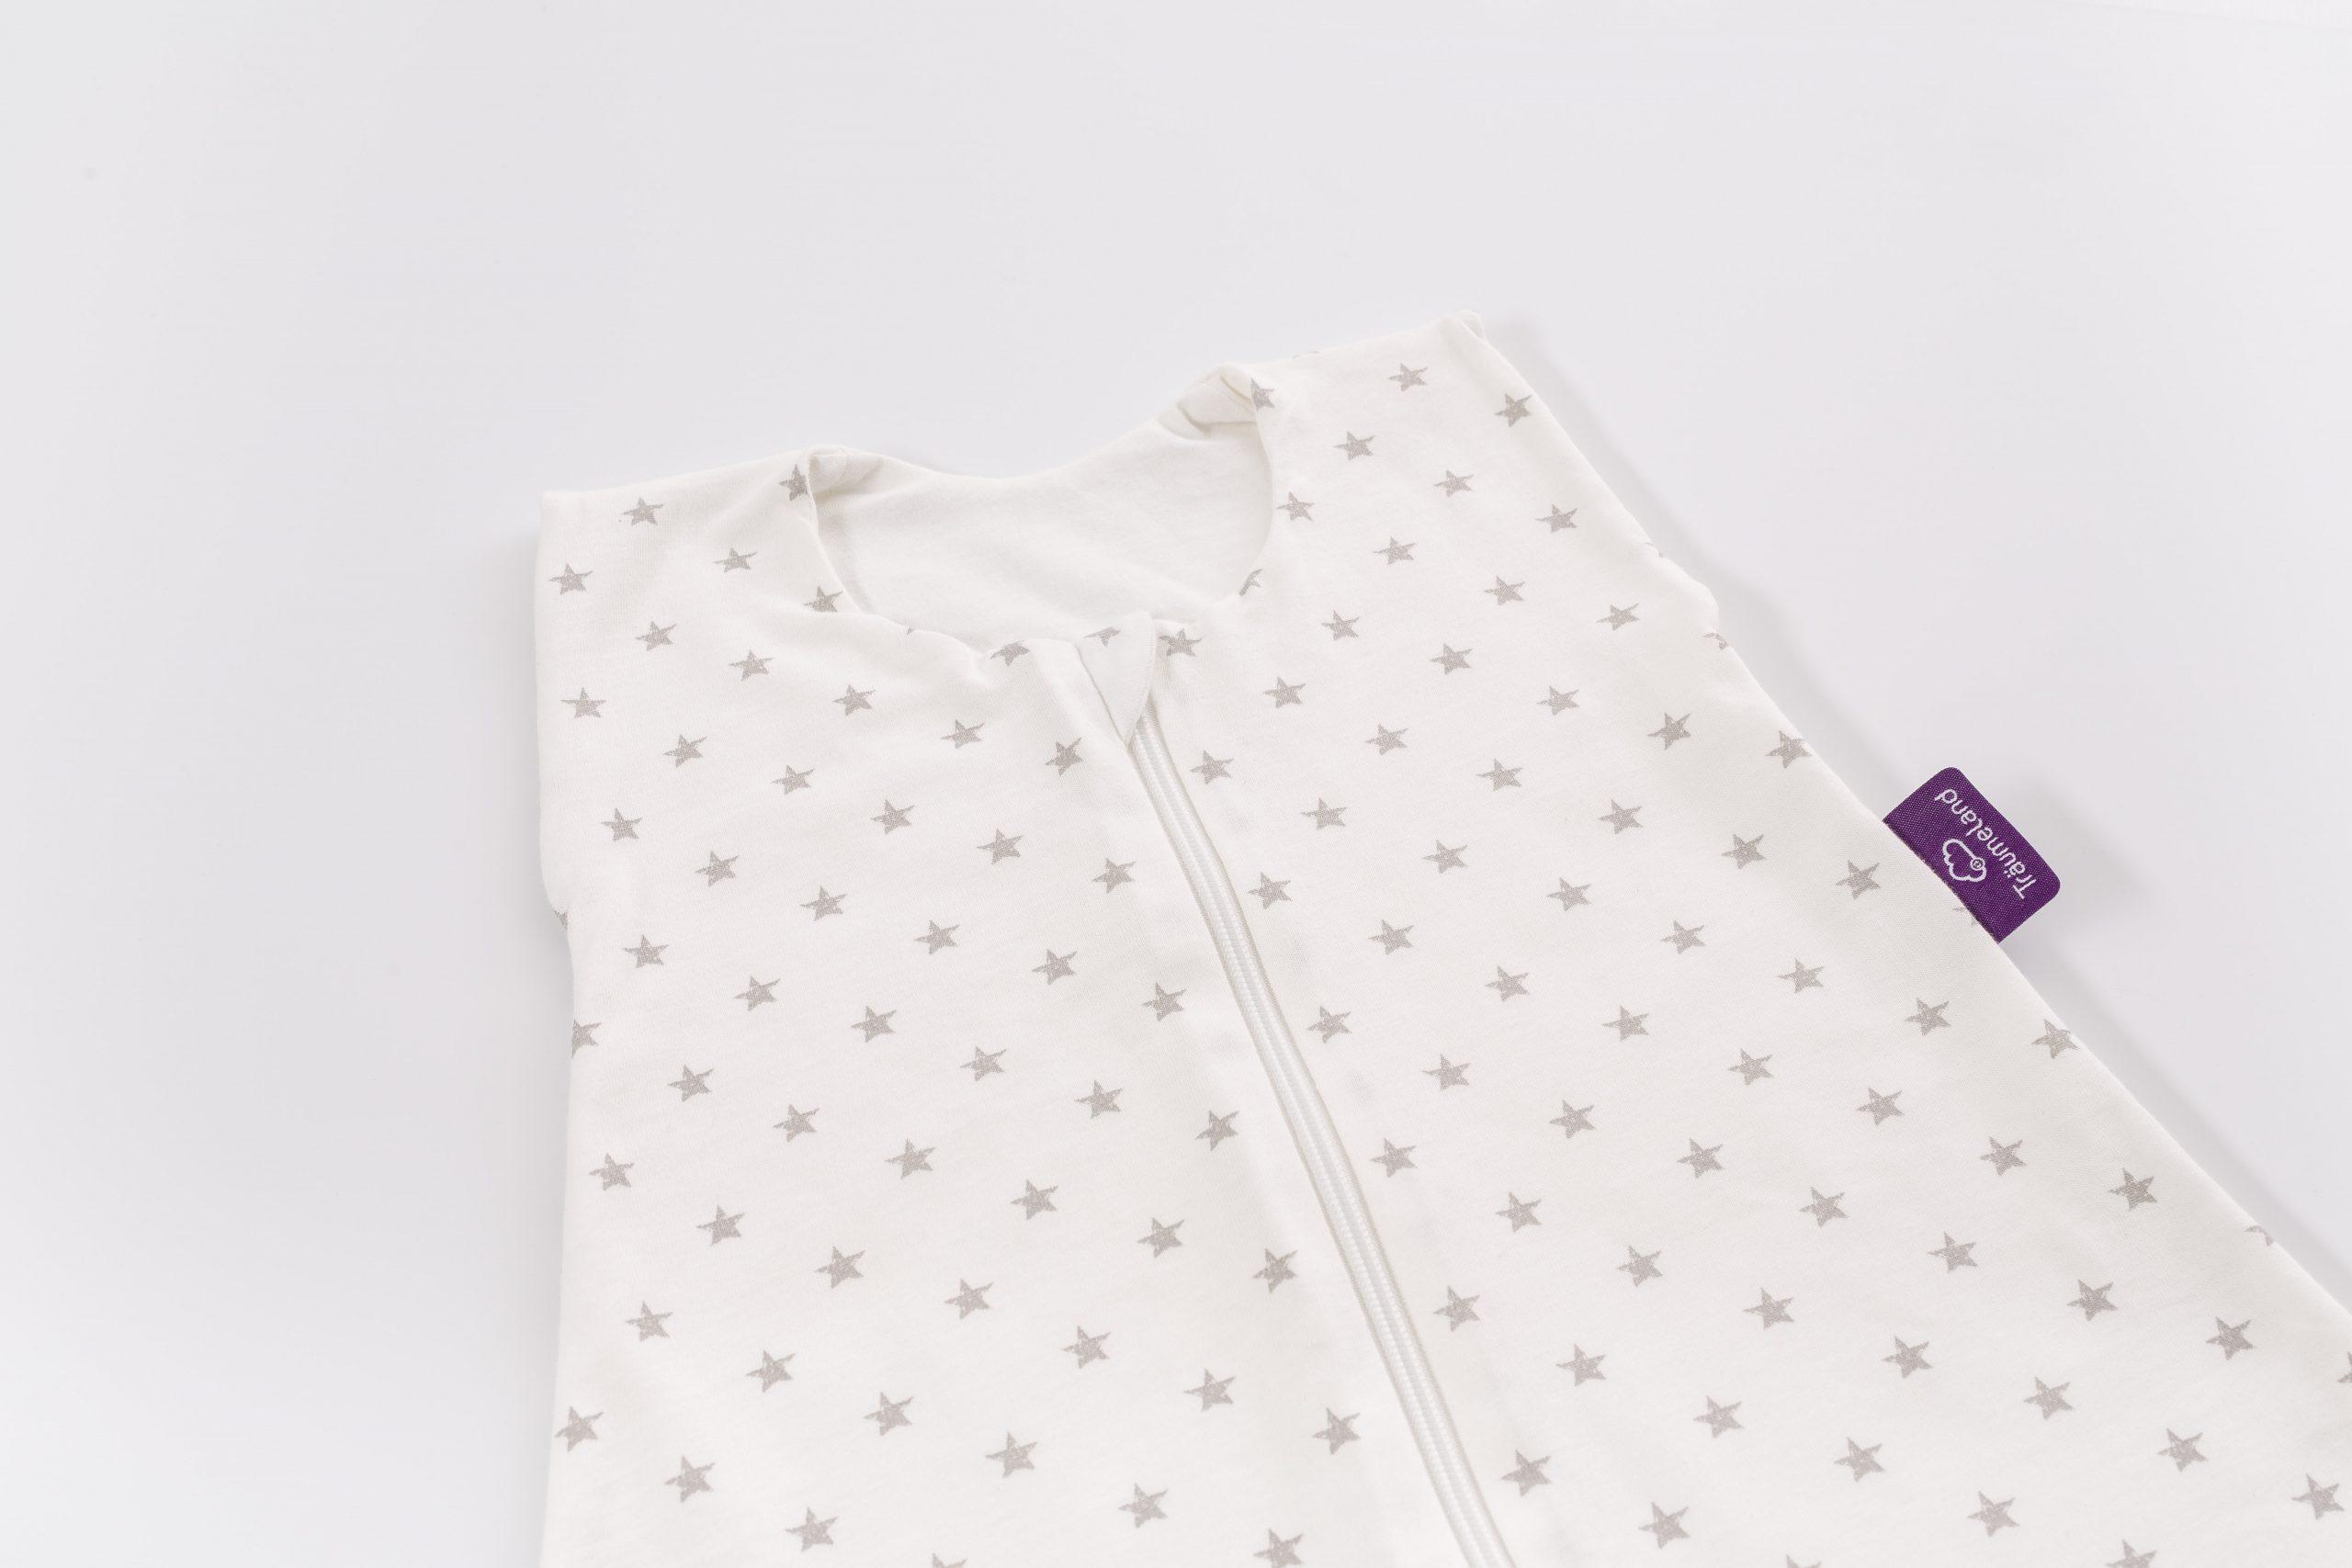 שק שינה לתינוק דגם White With Grey Stars